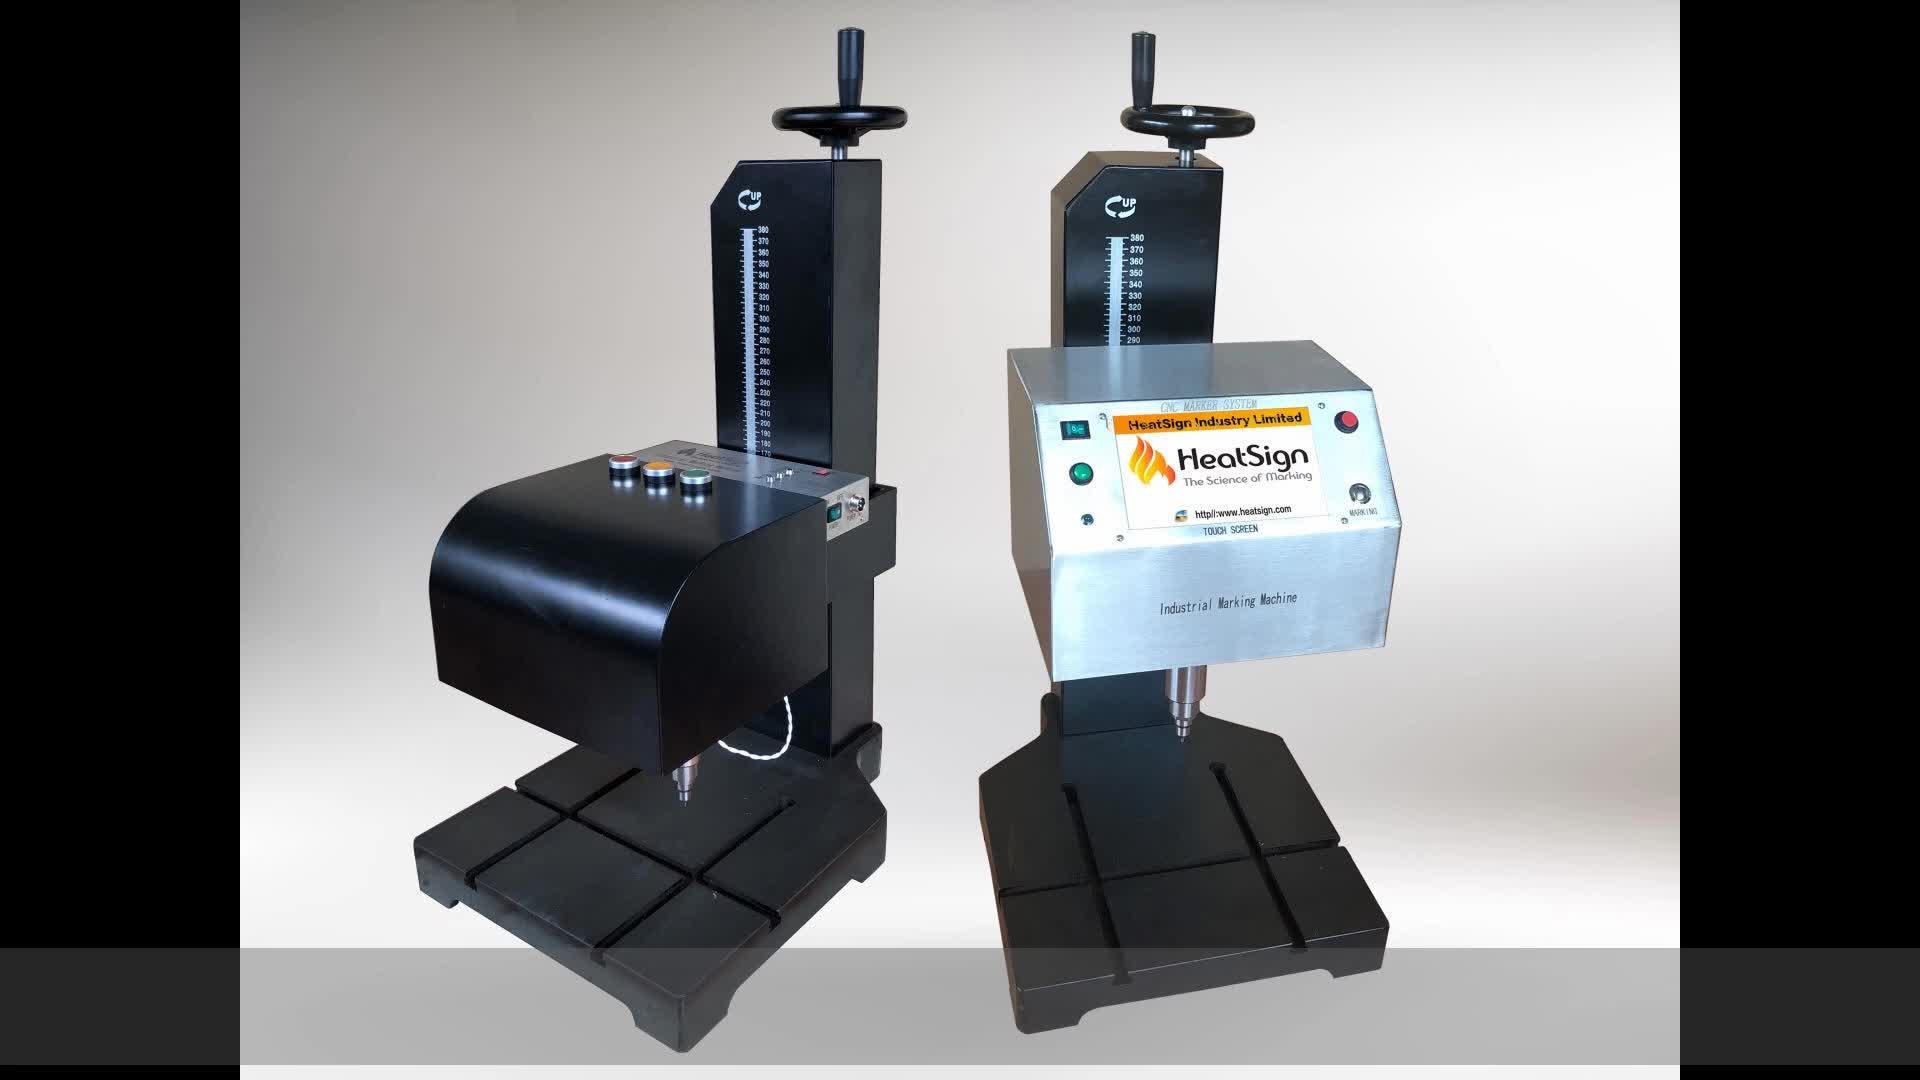 High Speed Auto CNC Ätzen Gravur Maschine Für Metalle wie Stahl, Kupfer und Aluminium